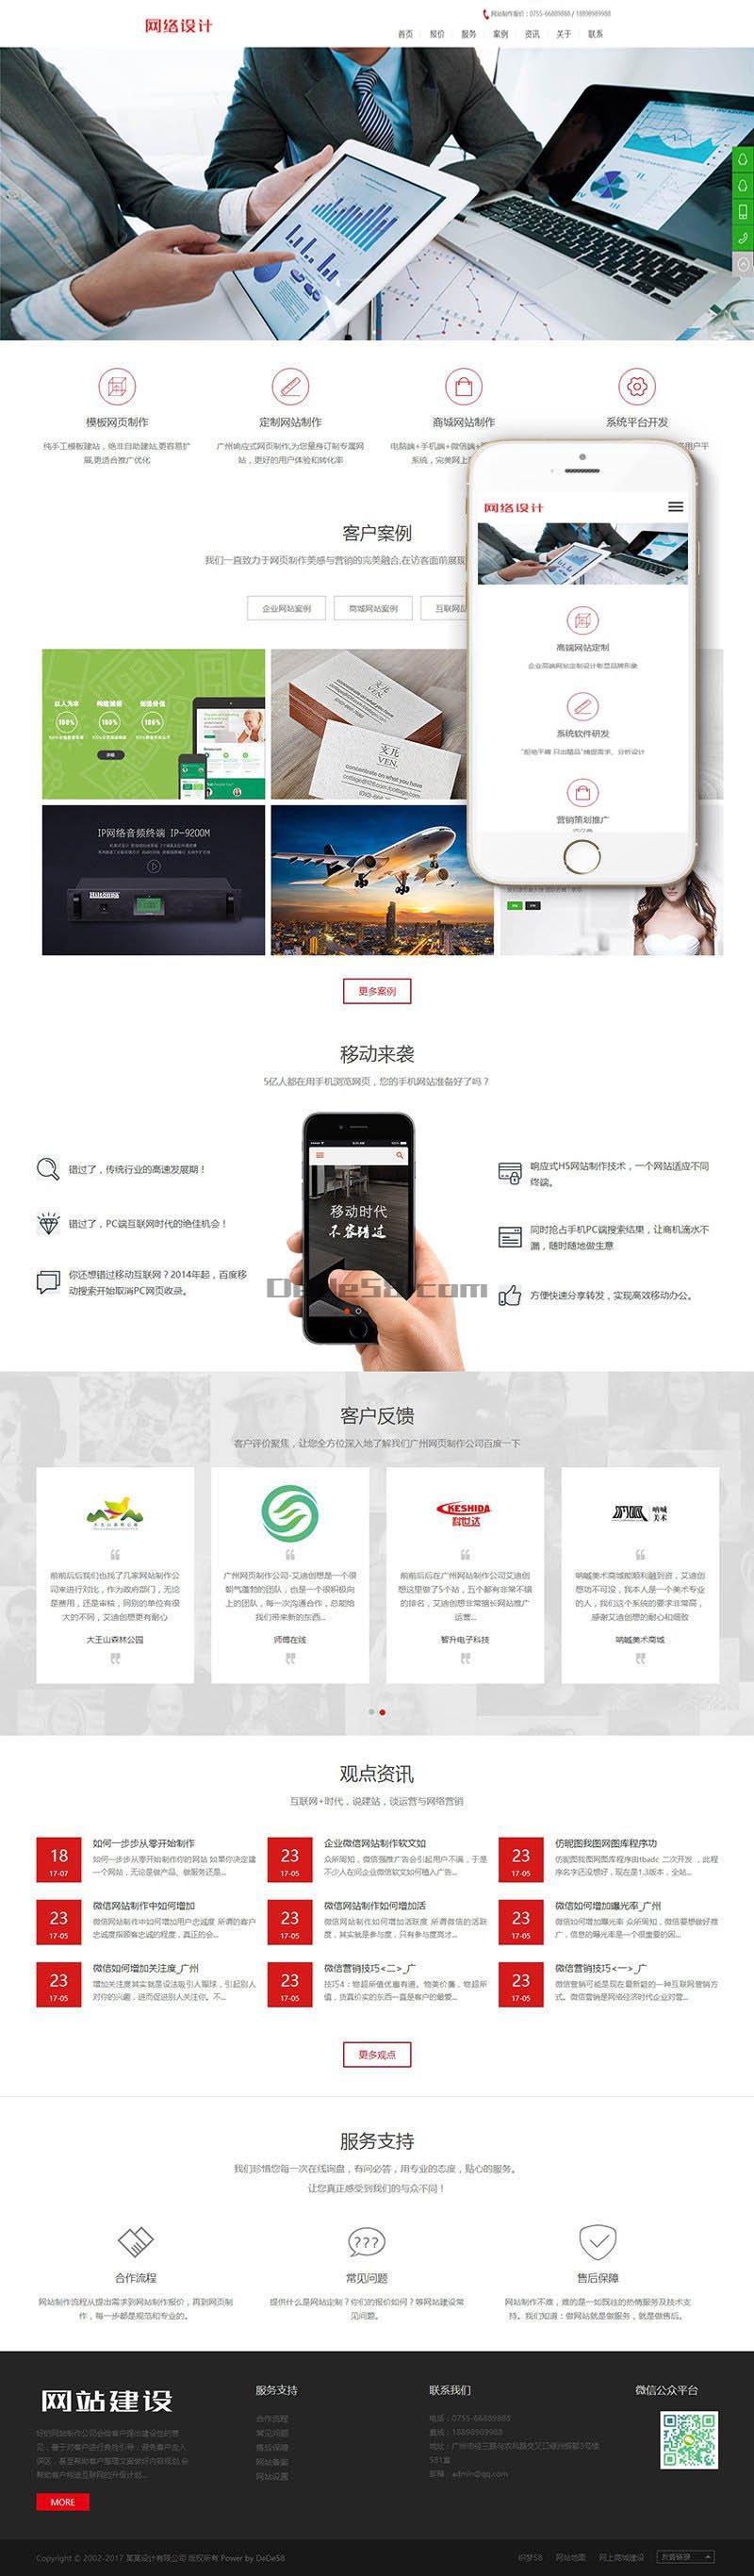 网络设计公司企业网站